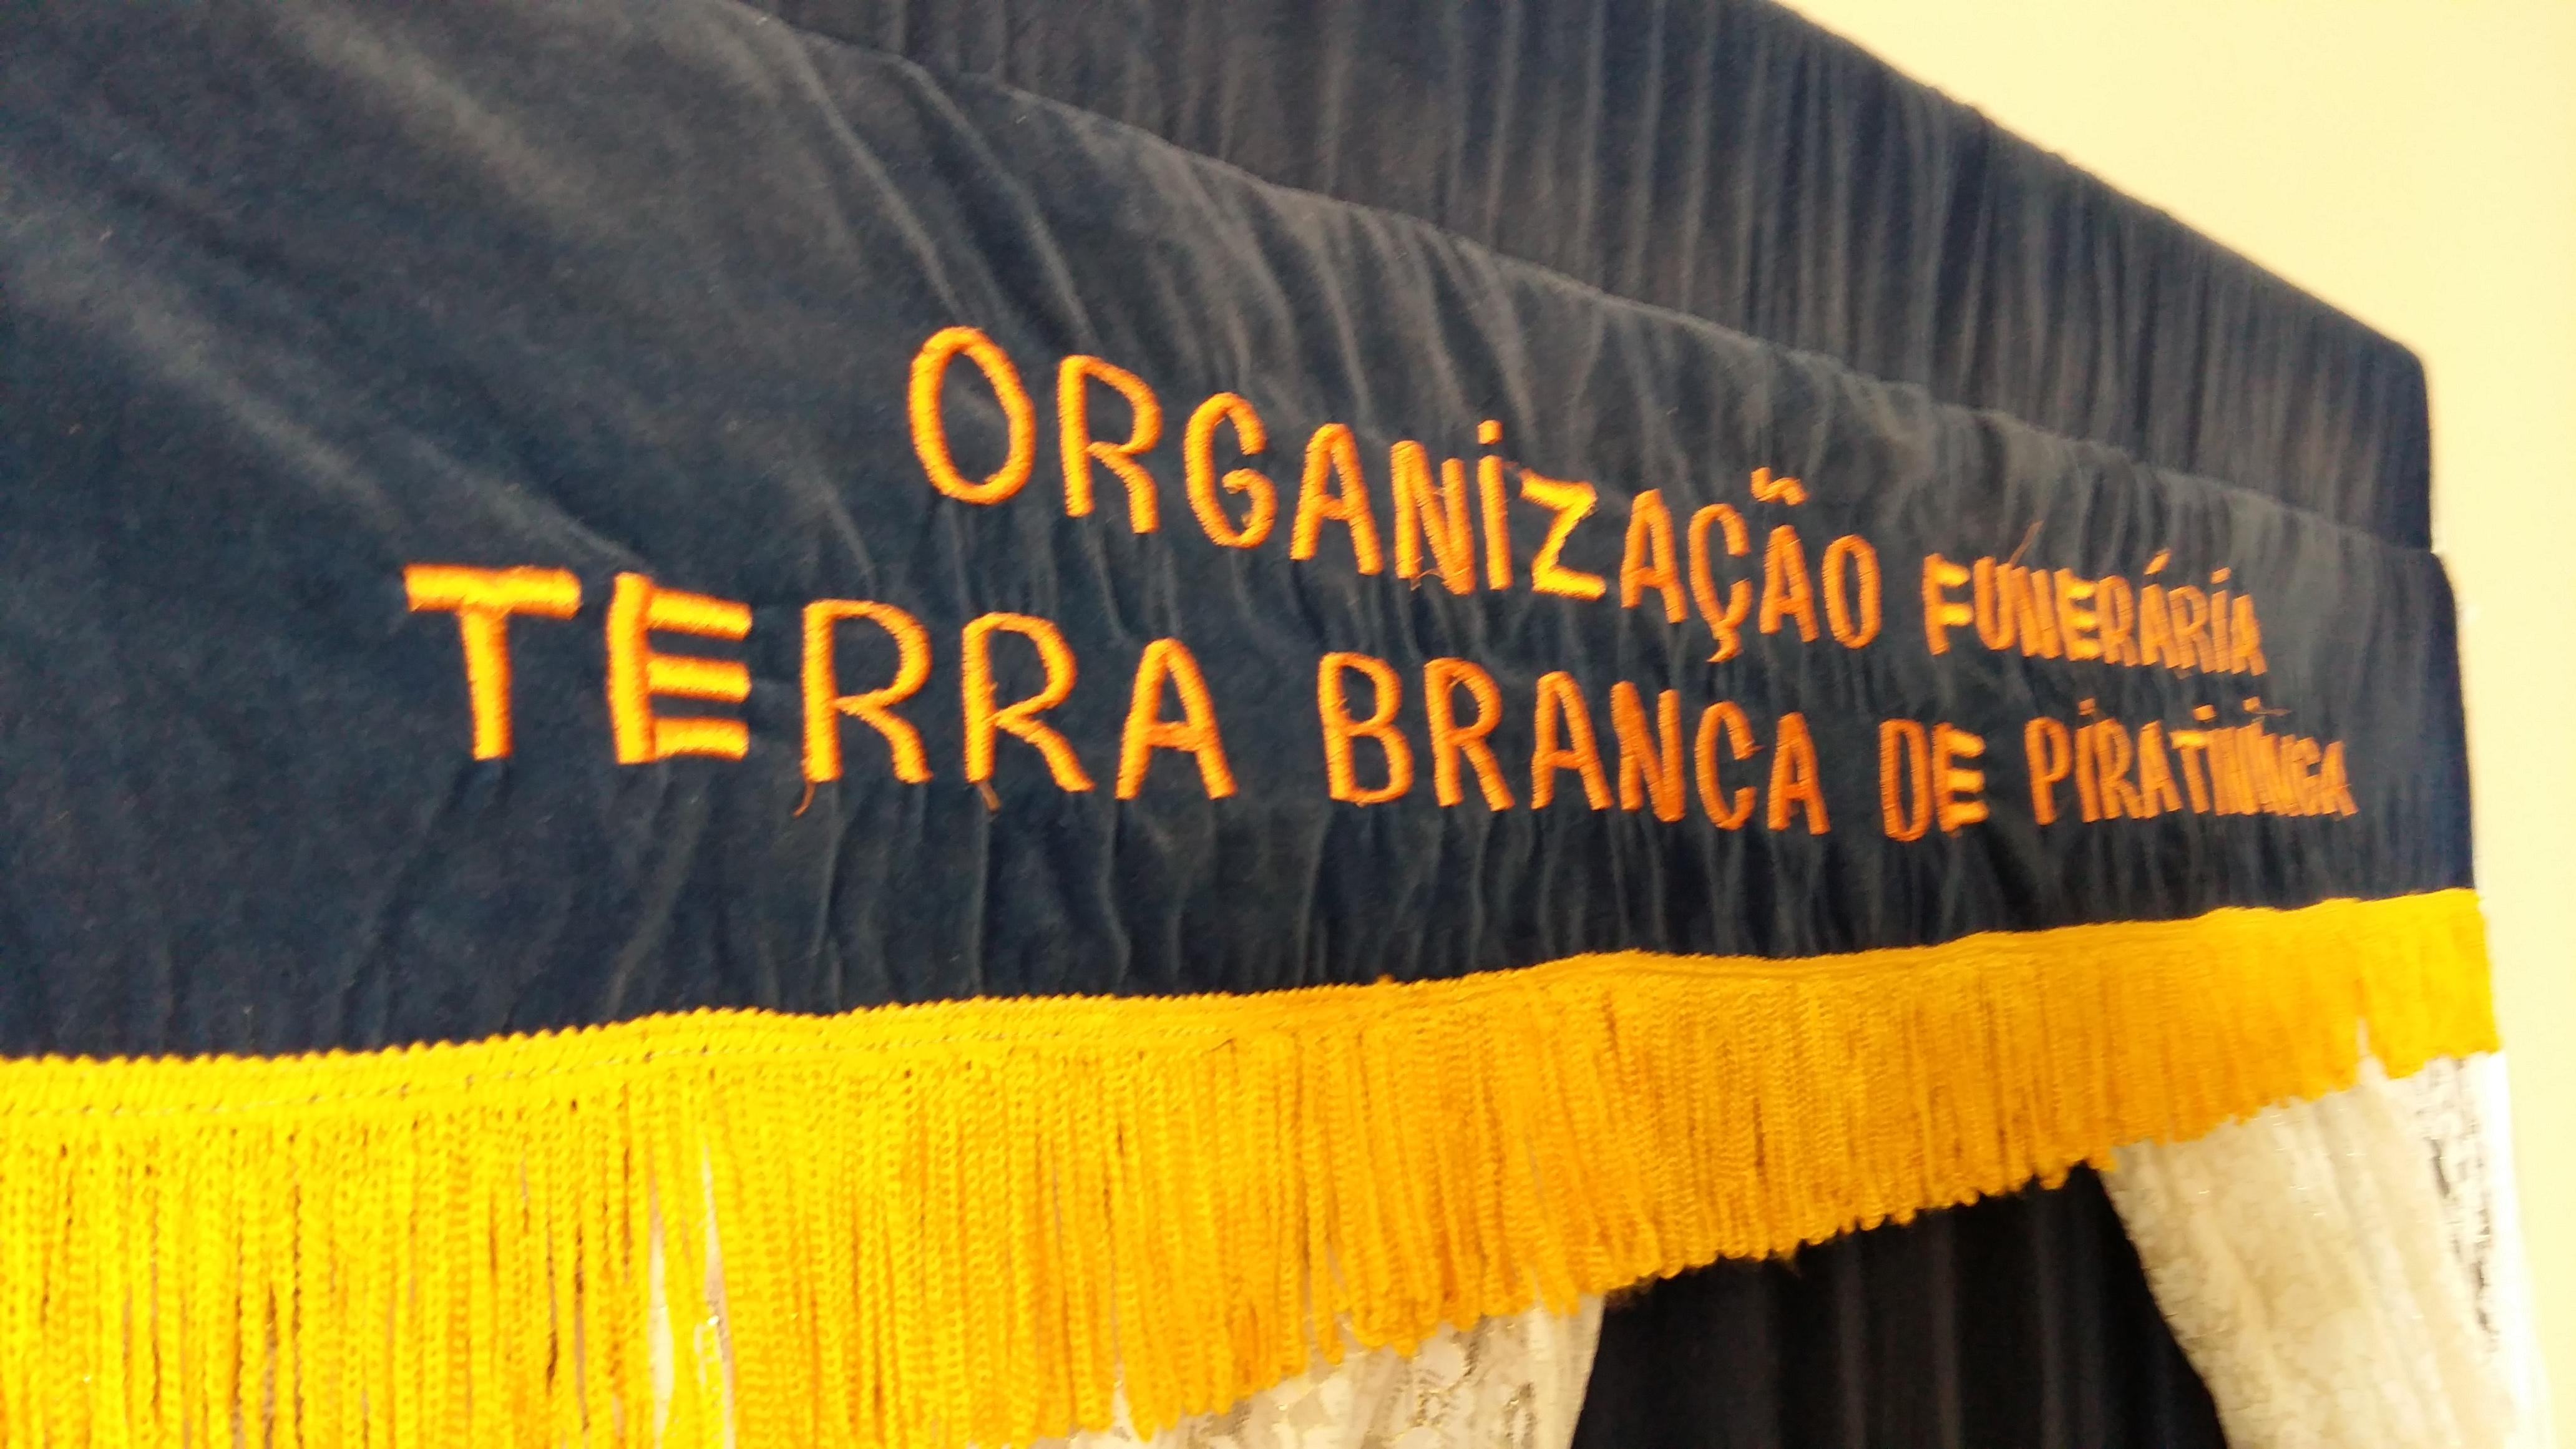 Organização Terra Branca Regional